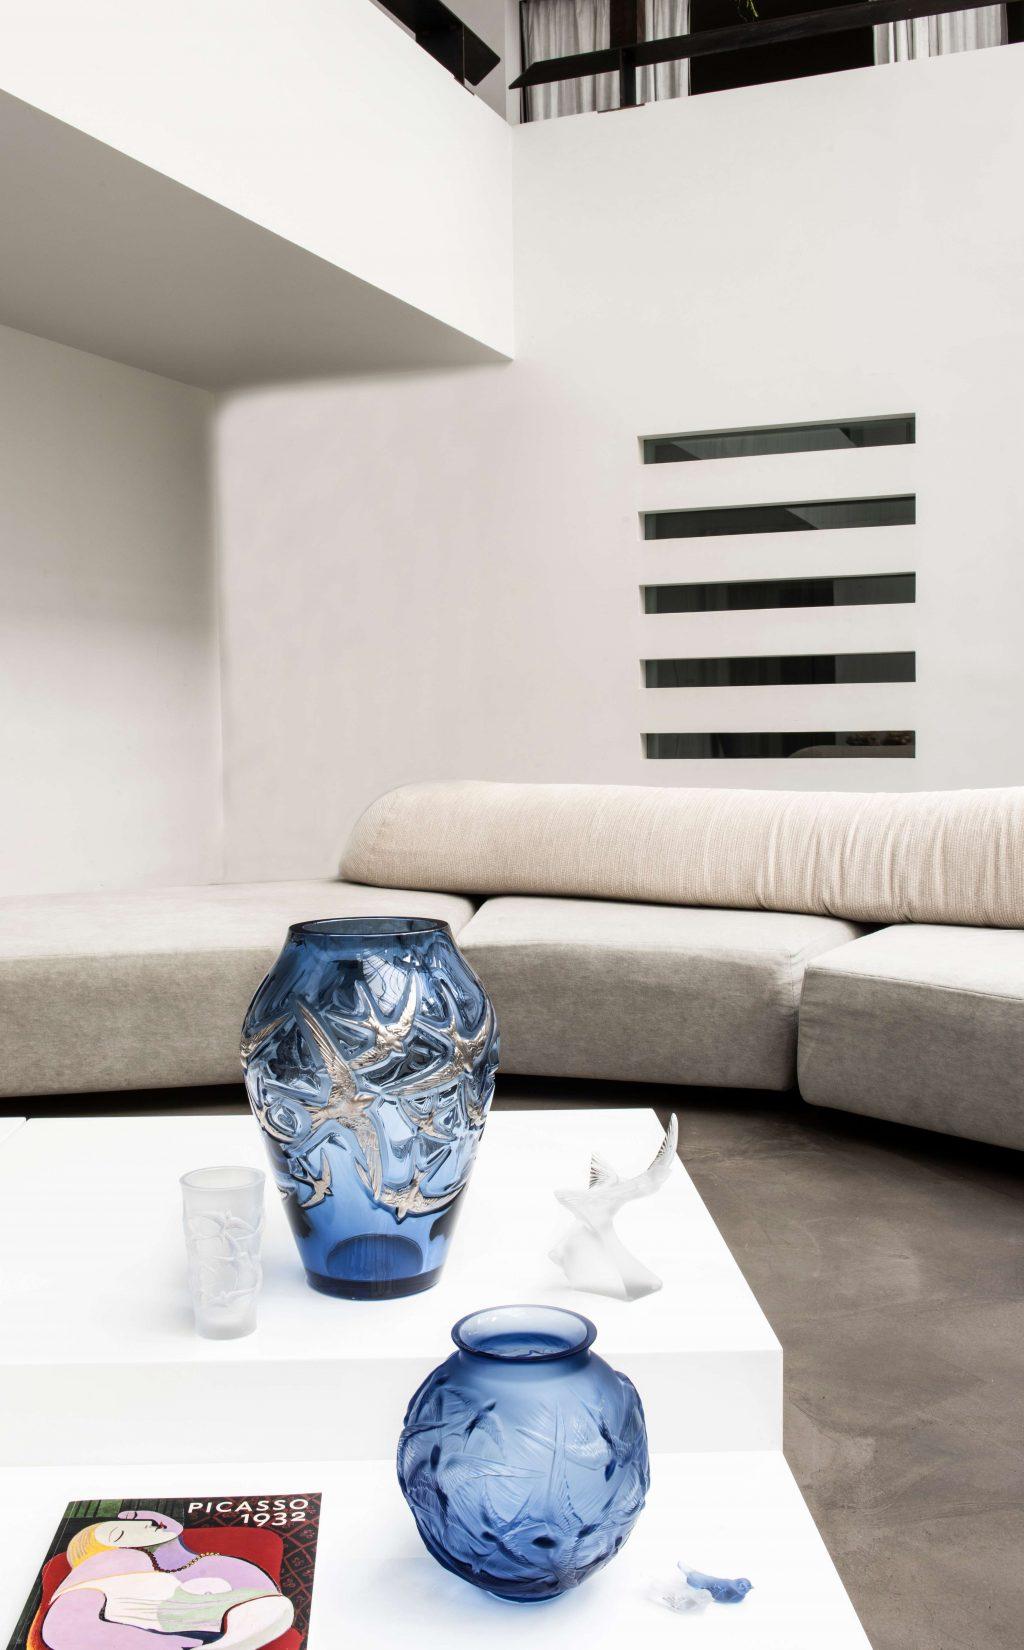 Thương hiệu Lalique khai trương cửa hàng tại Hà Nội 5